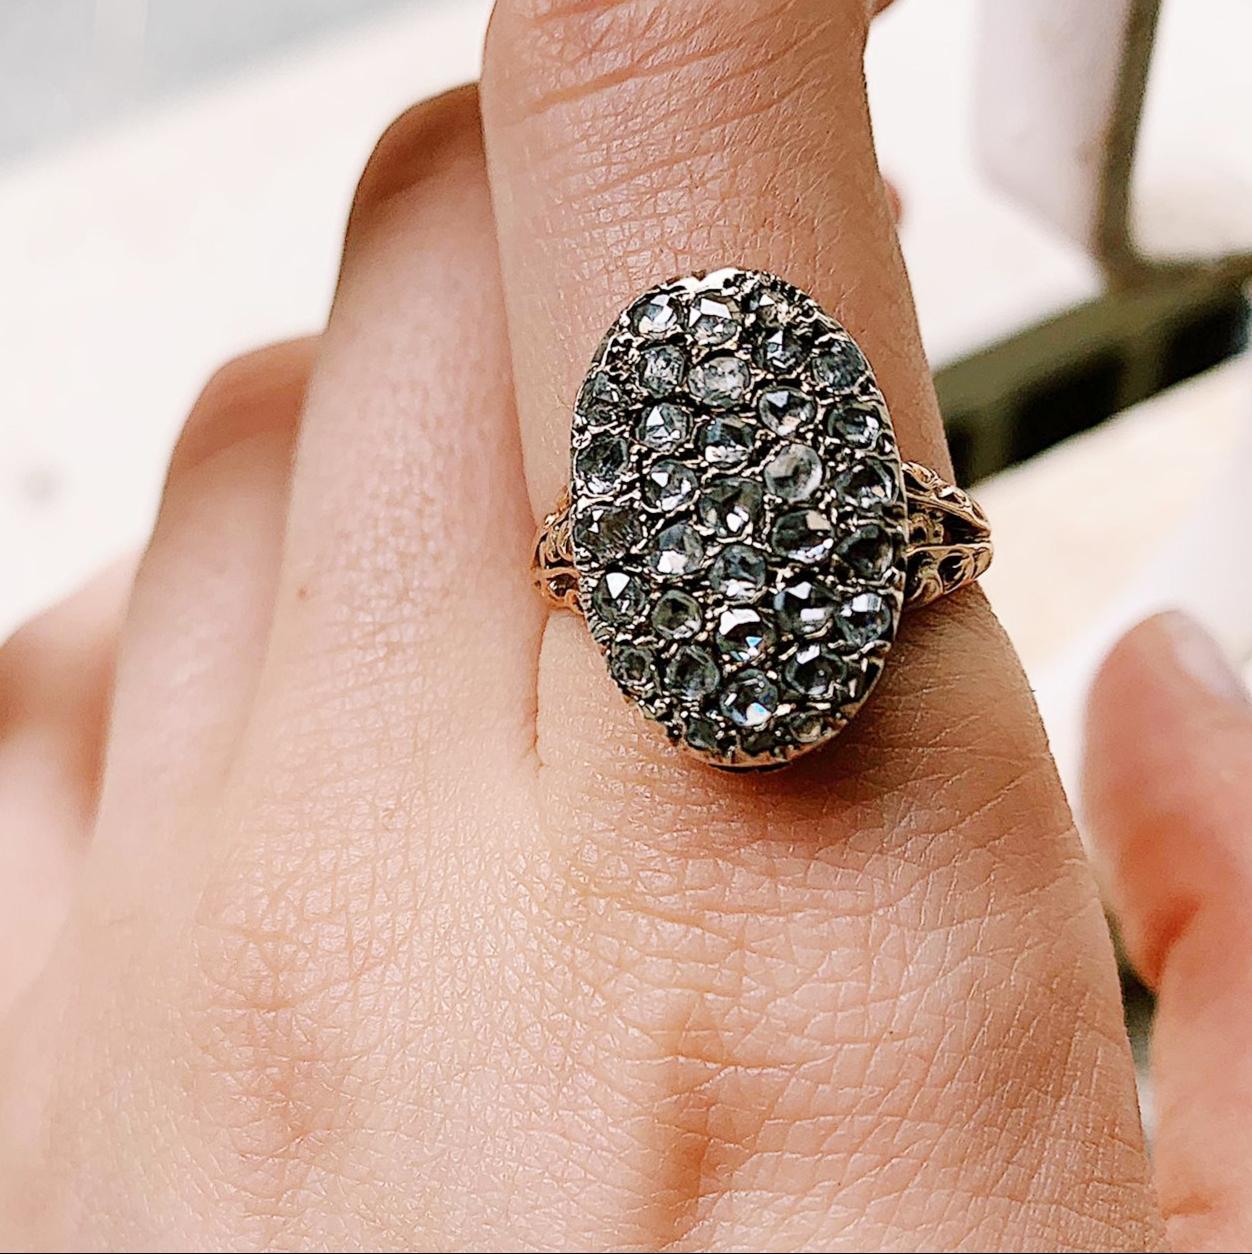 טבעת עתיקה אובלית זהב וכסף עם יהלומים.